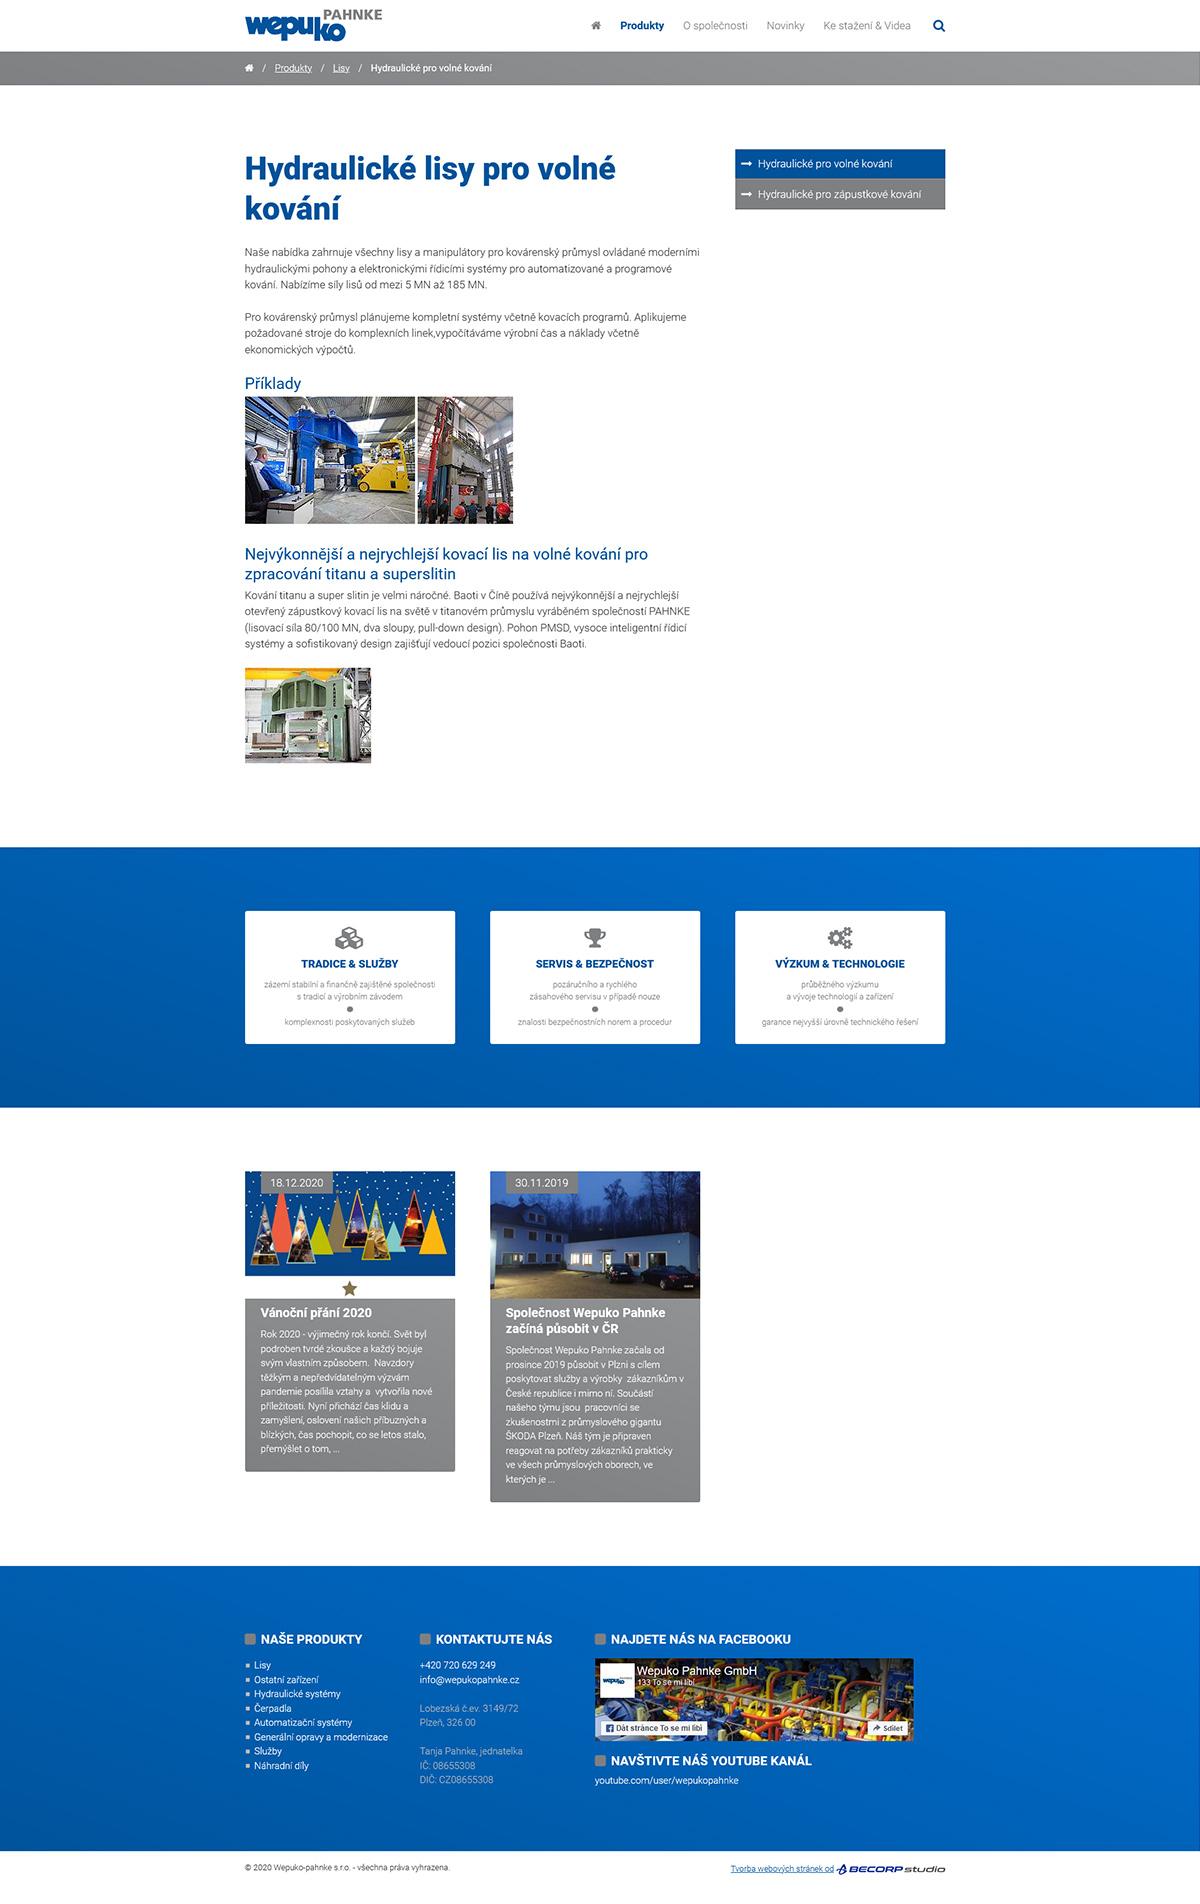 Tvorba firemního webu pro nadnárodní strojírenskou společnost